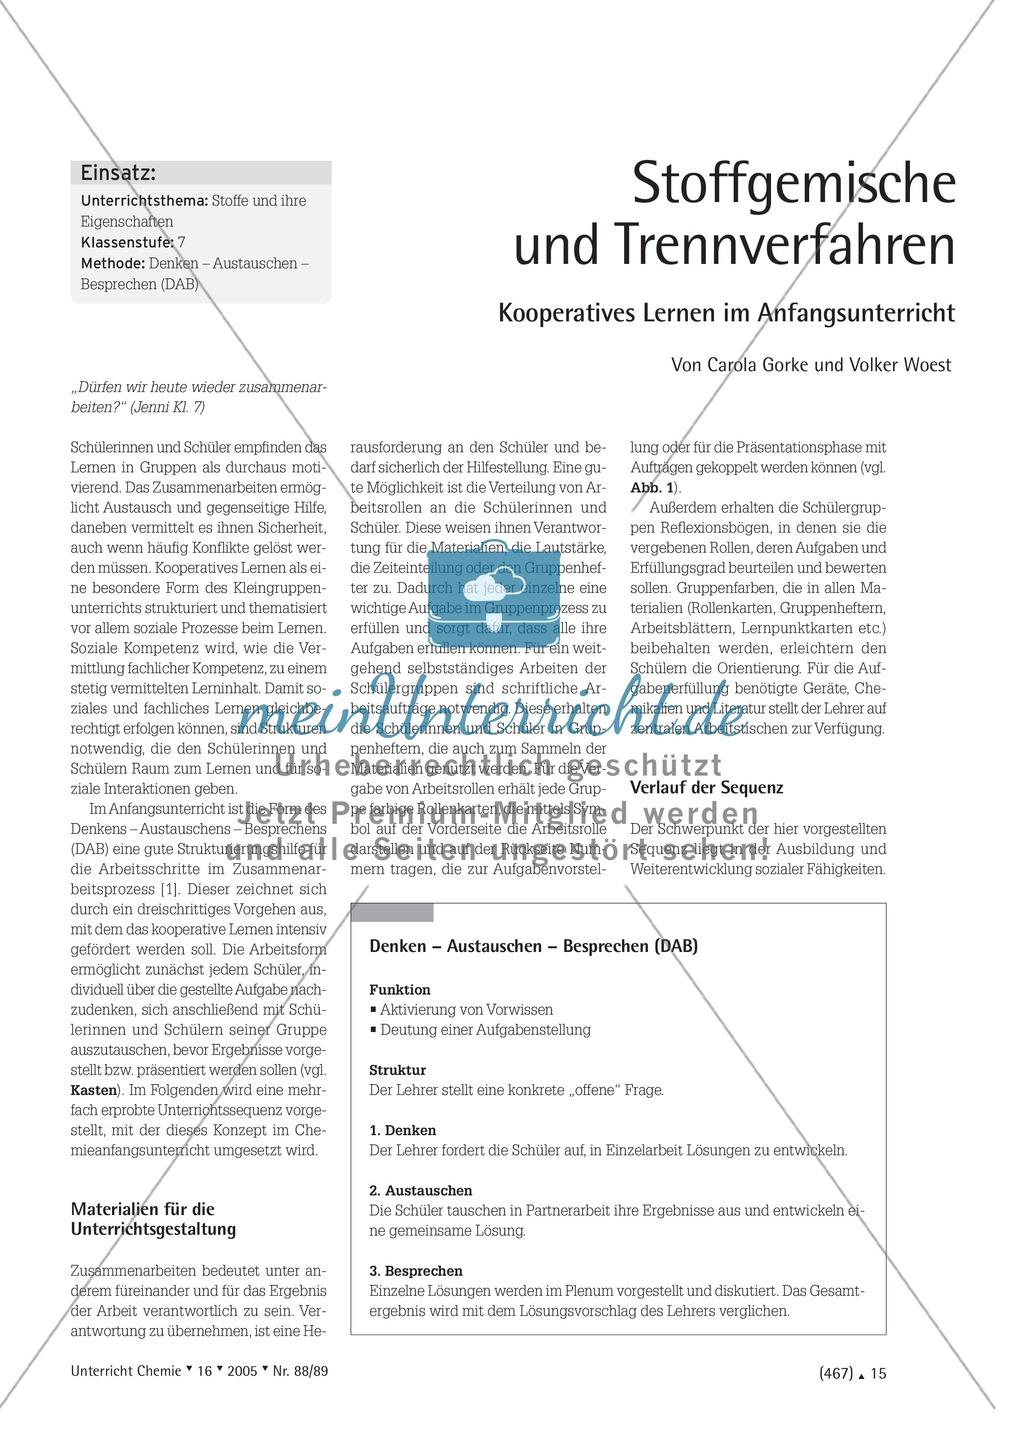 Kooperatives Lernen nach dem DAB-Prinzip - Stoffgemische und Trennverfahren Preview 0